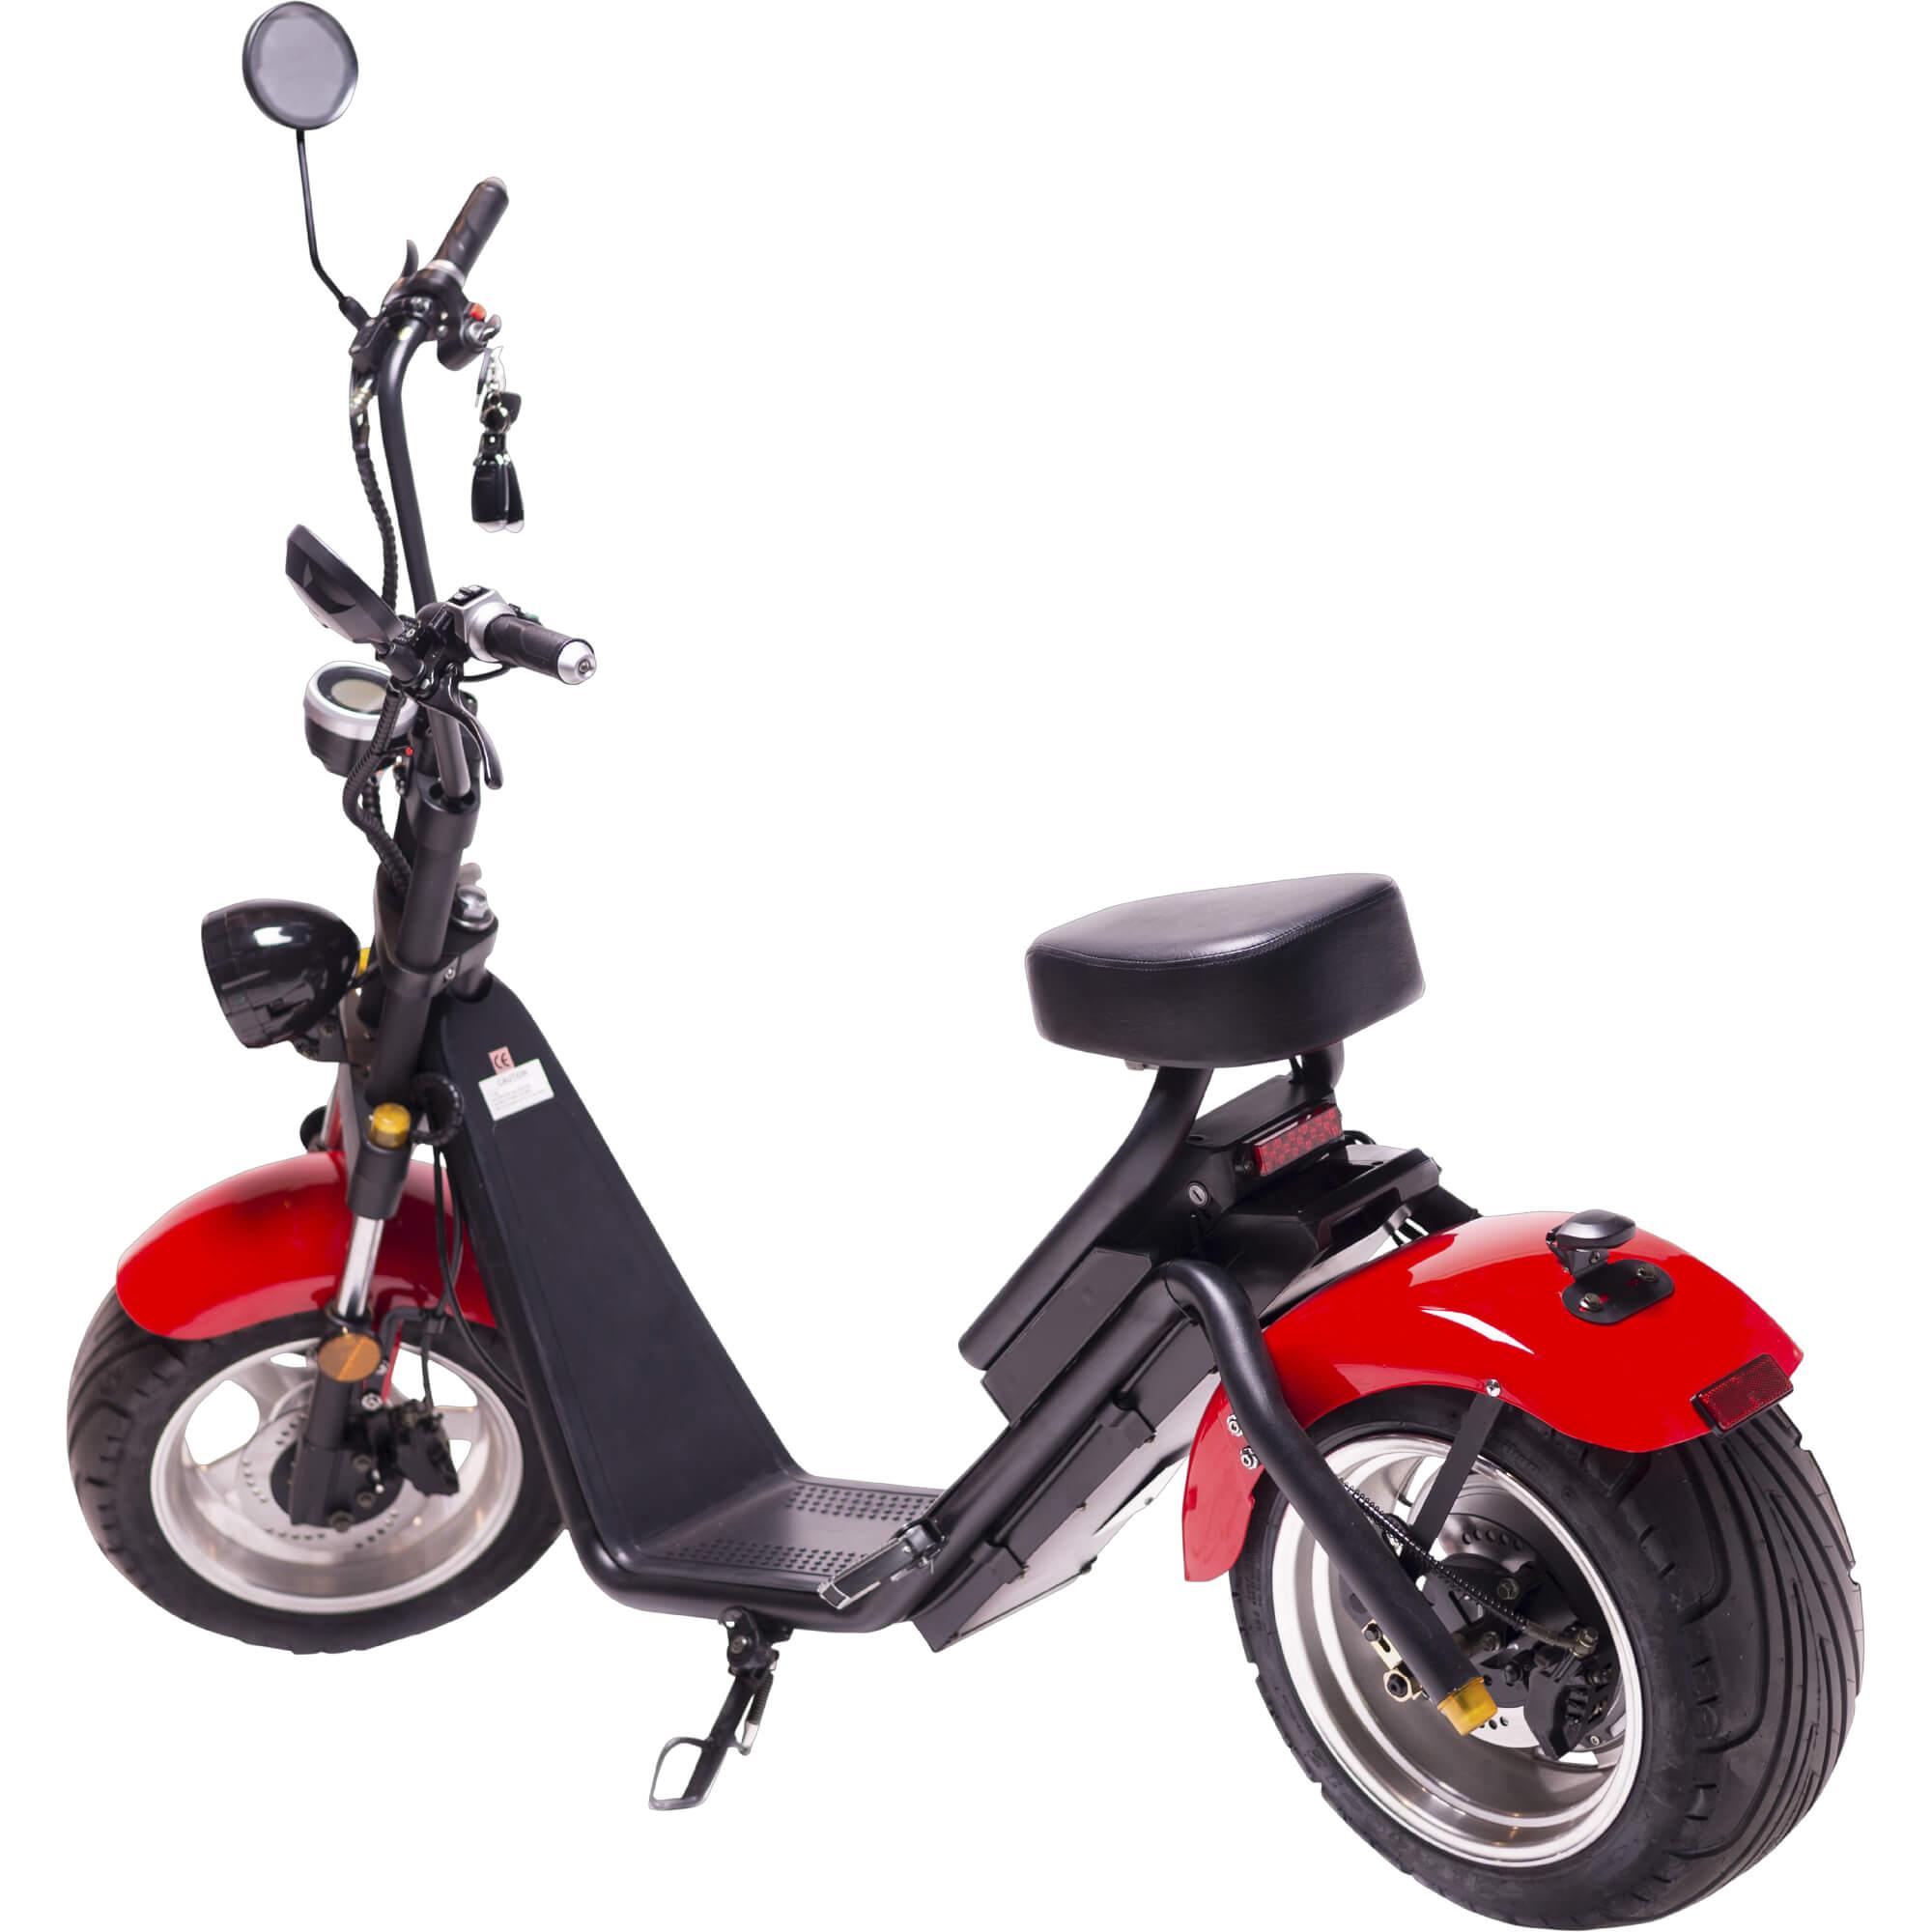 MotoRo S1 imagine